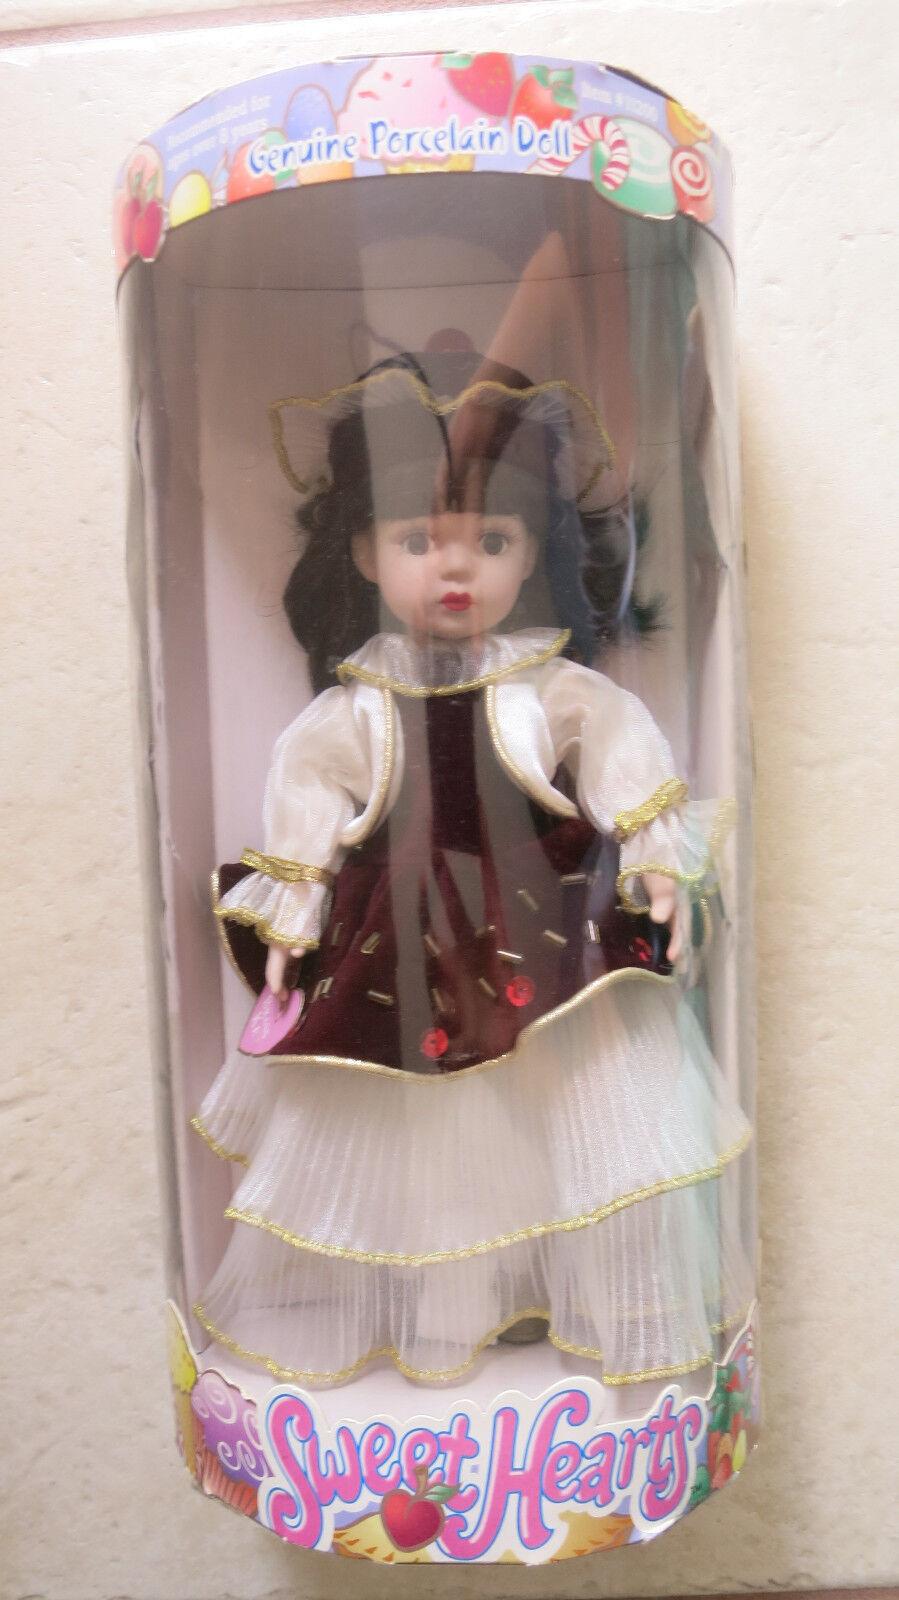 Original Muñeca De Porcelana Nº de artículo 11200 Llave De Latón Dulce Corazones características Pintado A Mano